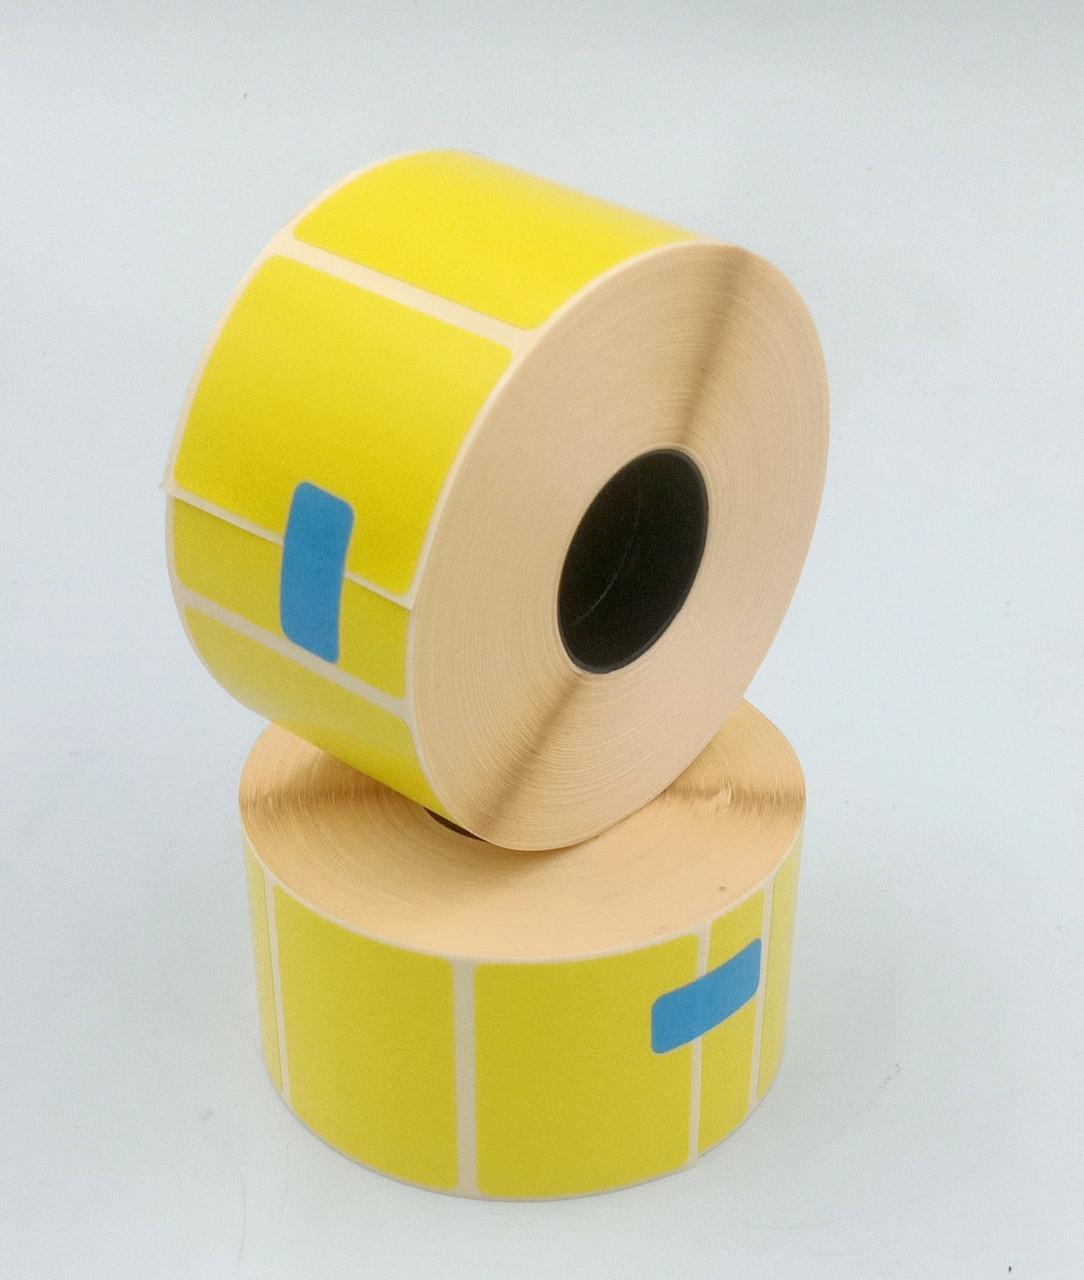 Термоэтикетка Т.Еко пантон 40*30 мм 1000 этикеток прямоугольная 5 шт жёлтая (4030T1000V25Y)